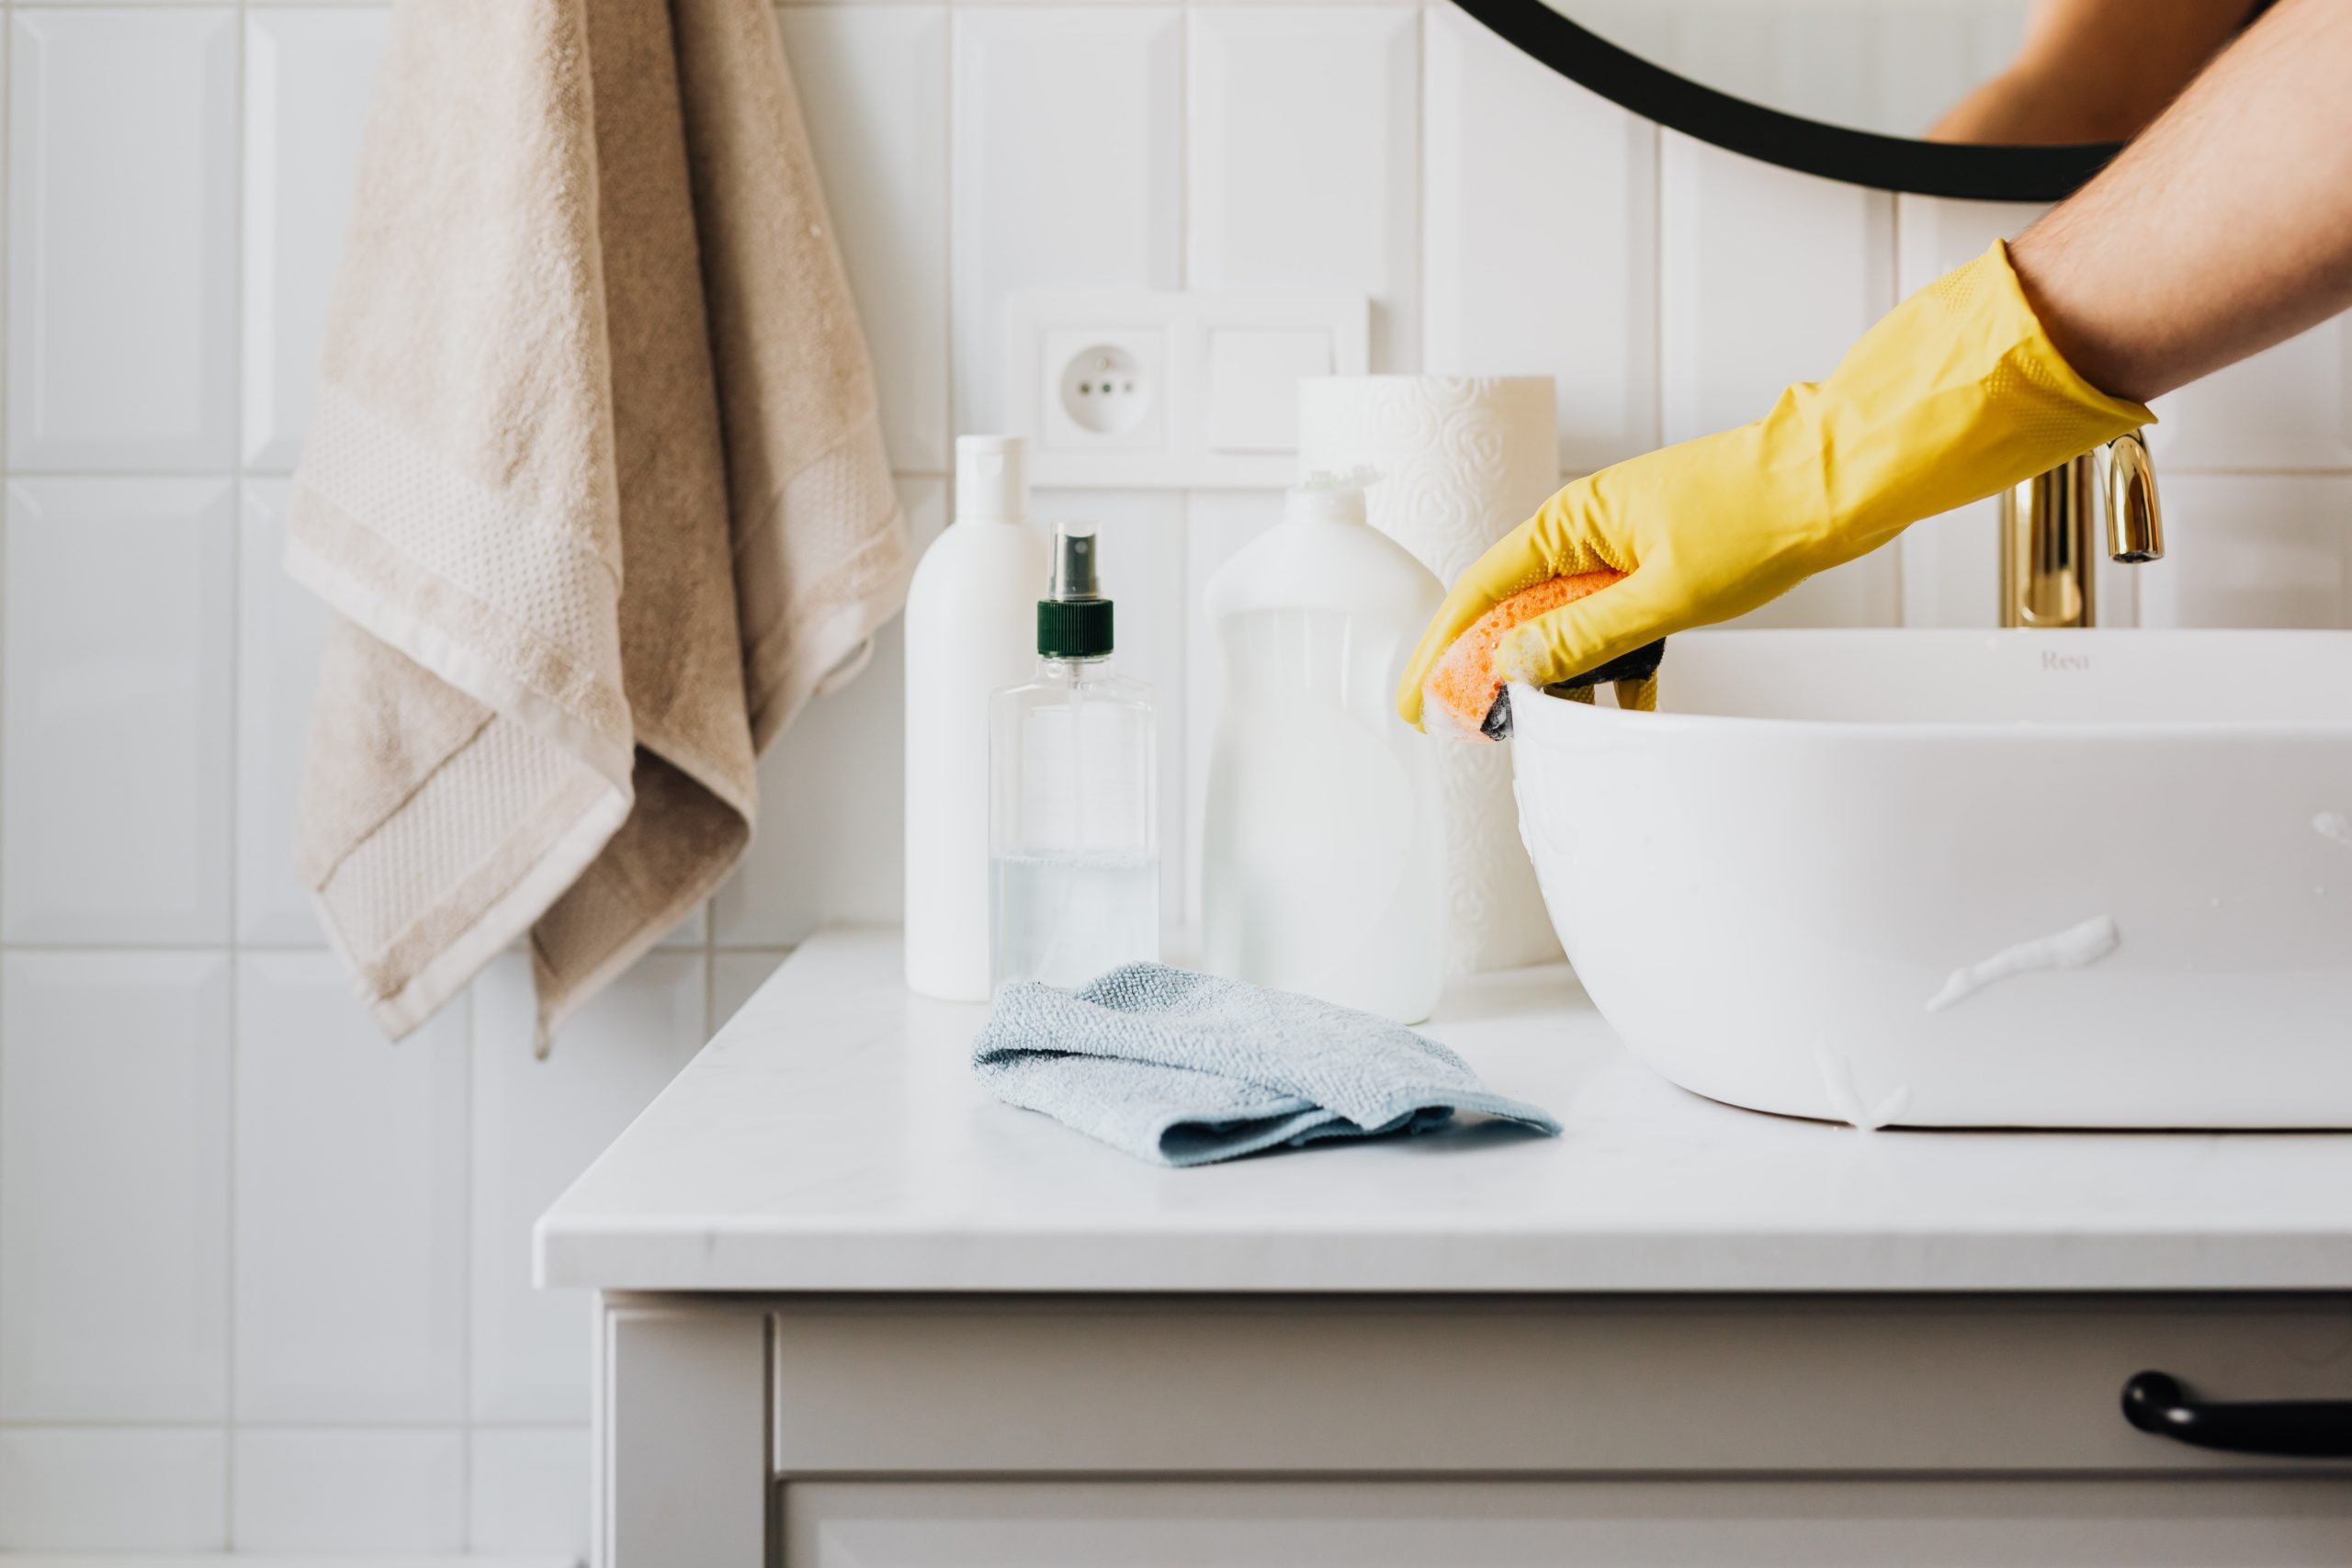 Лучшие методики уборки в квартире